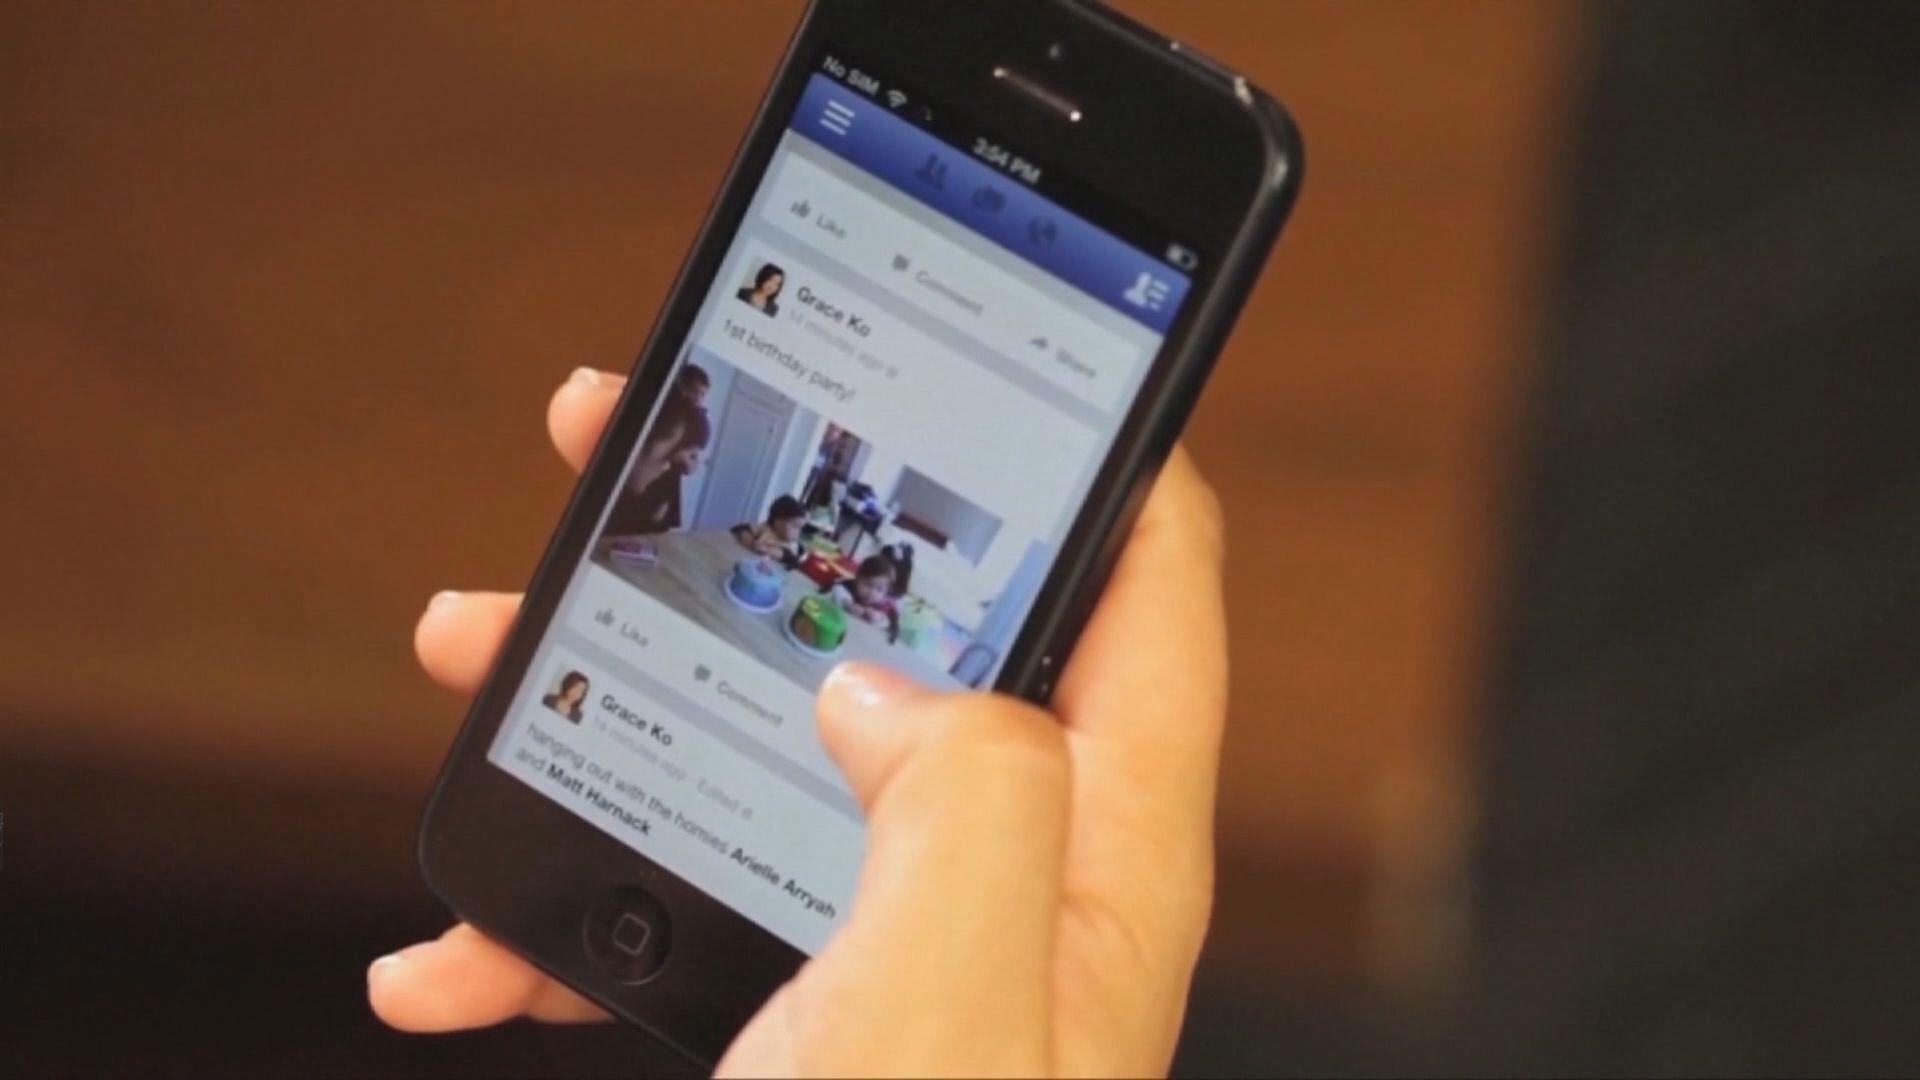 Fb因用戶資料外洩被罰款50萬鎊